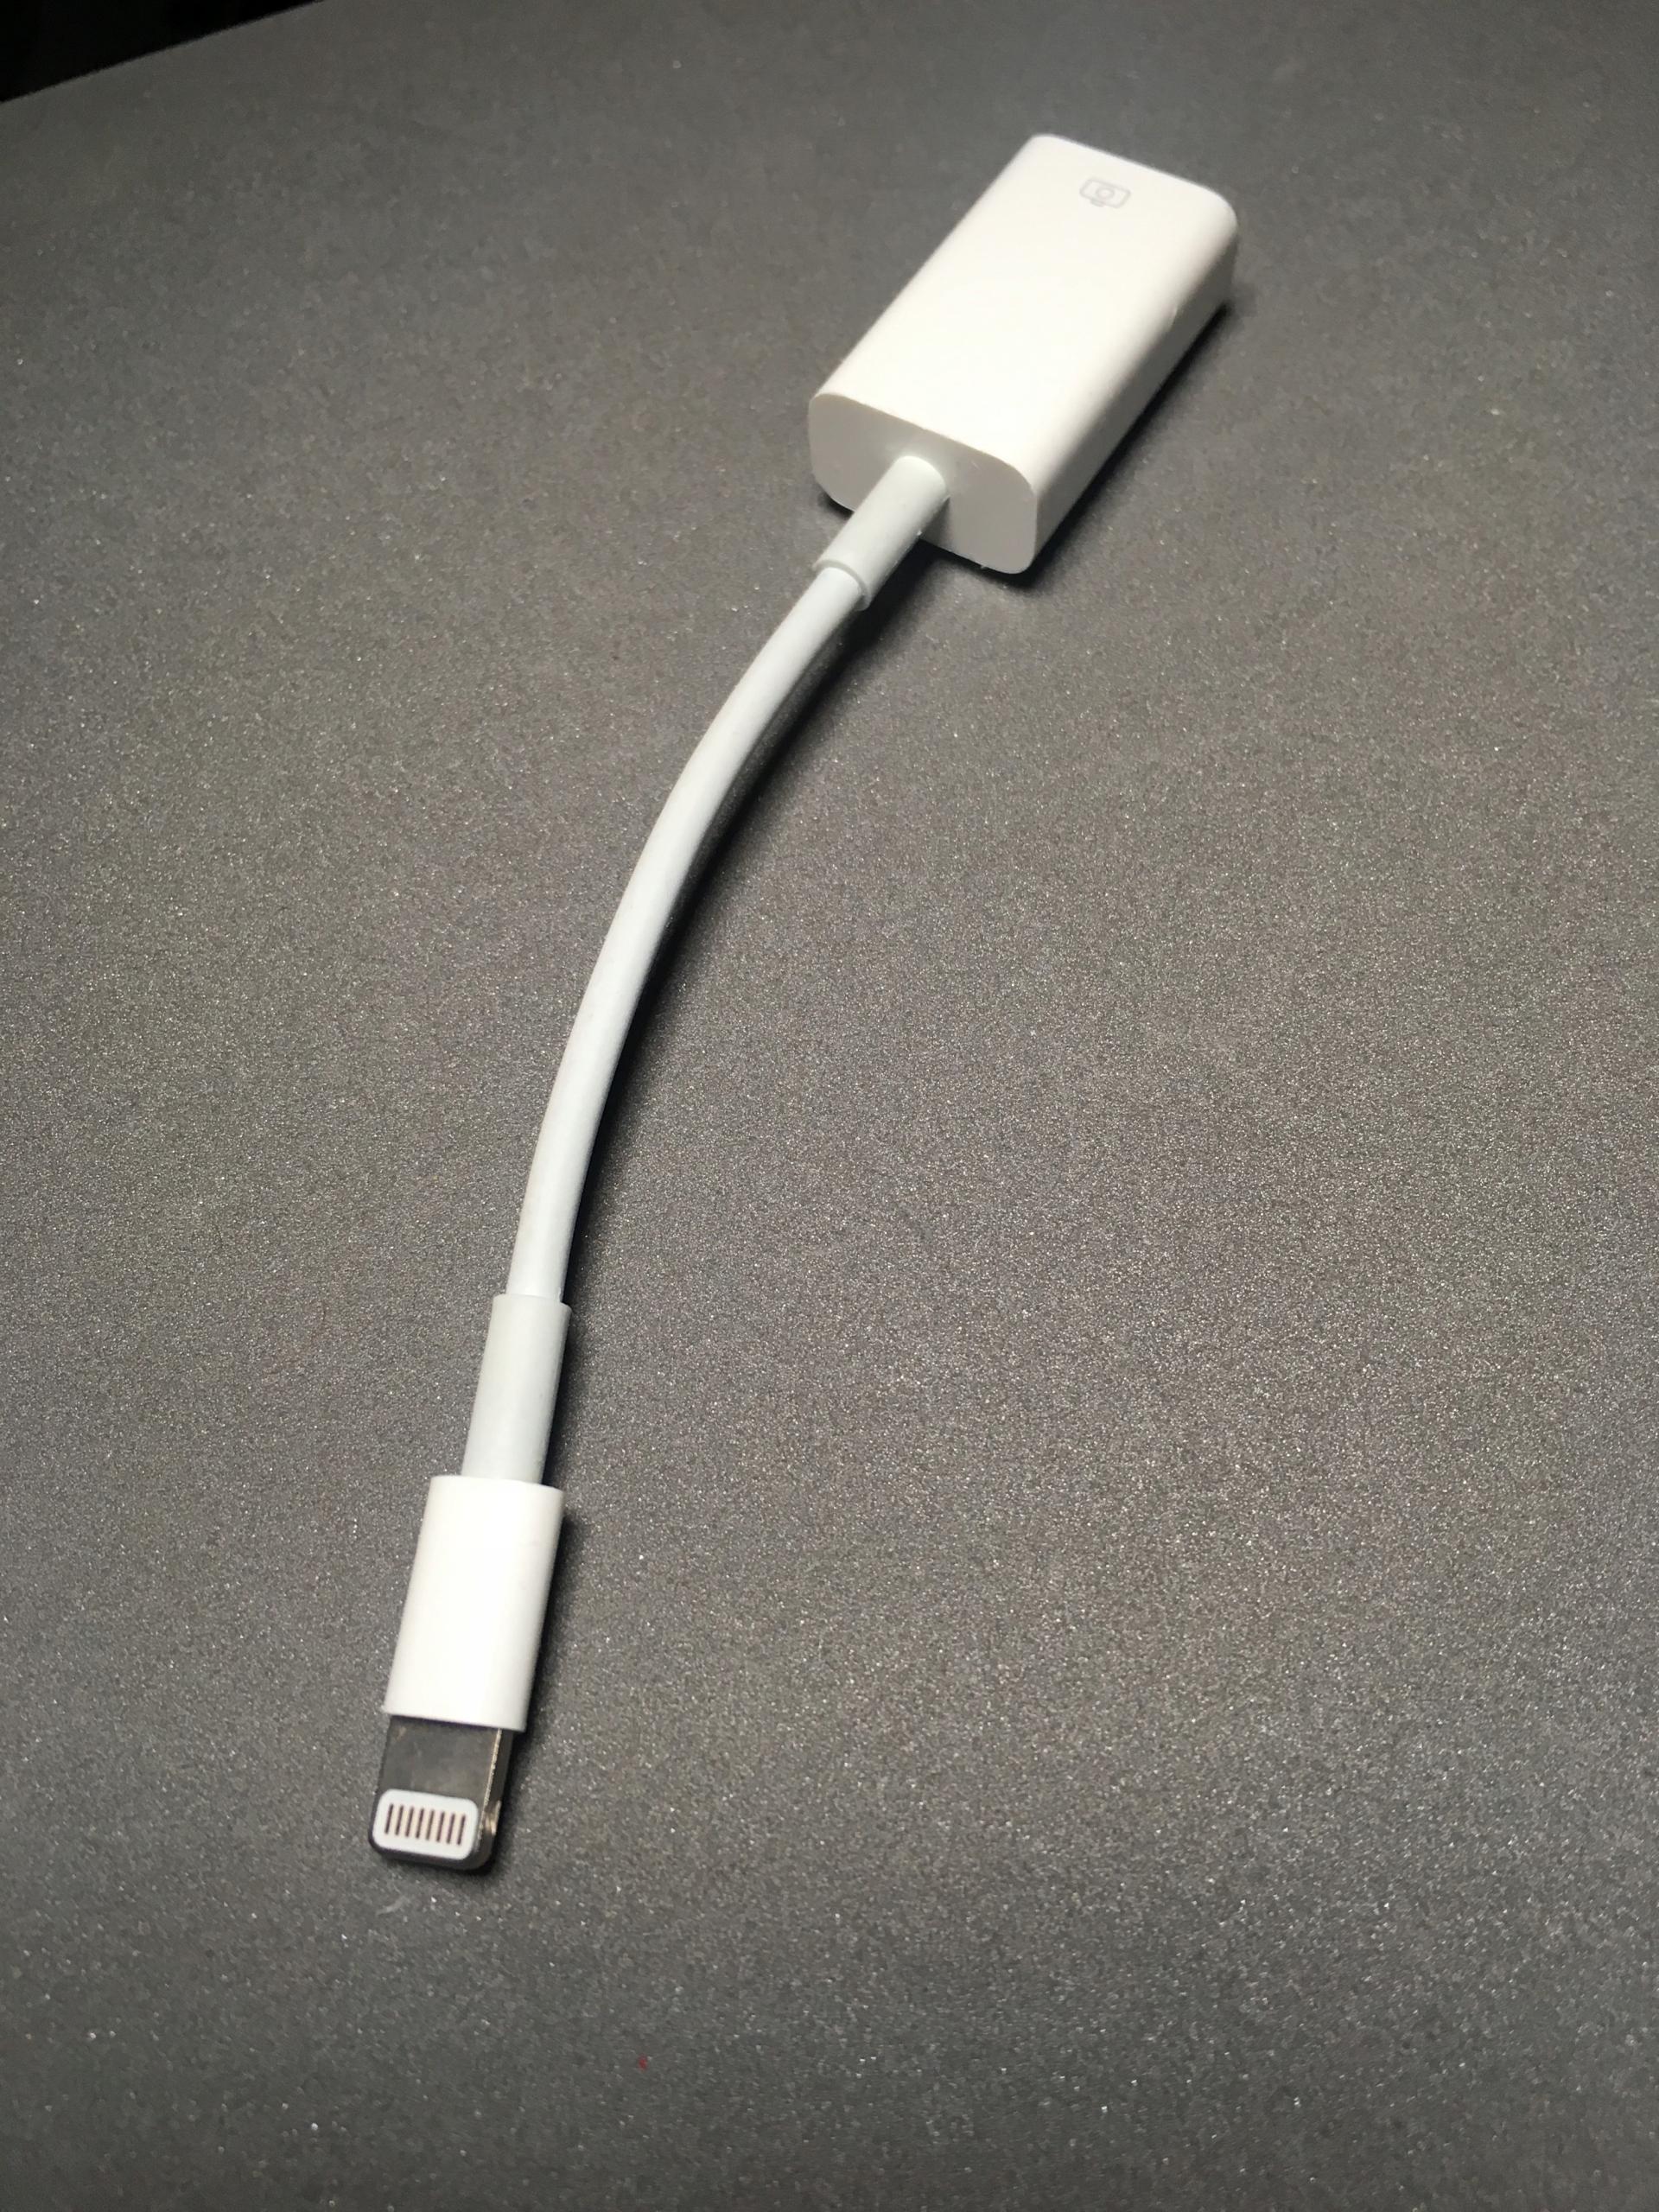 Przejściówka ze złącza Lightning na USB aparat